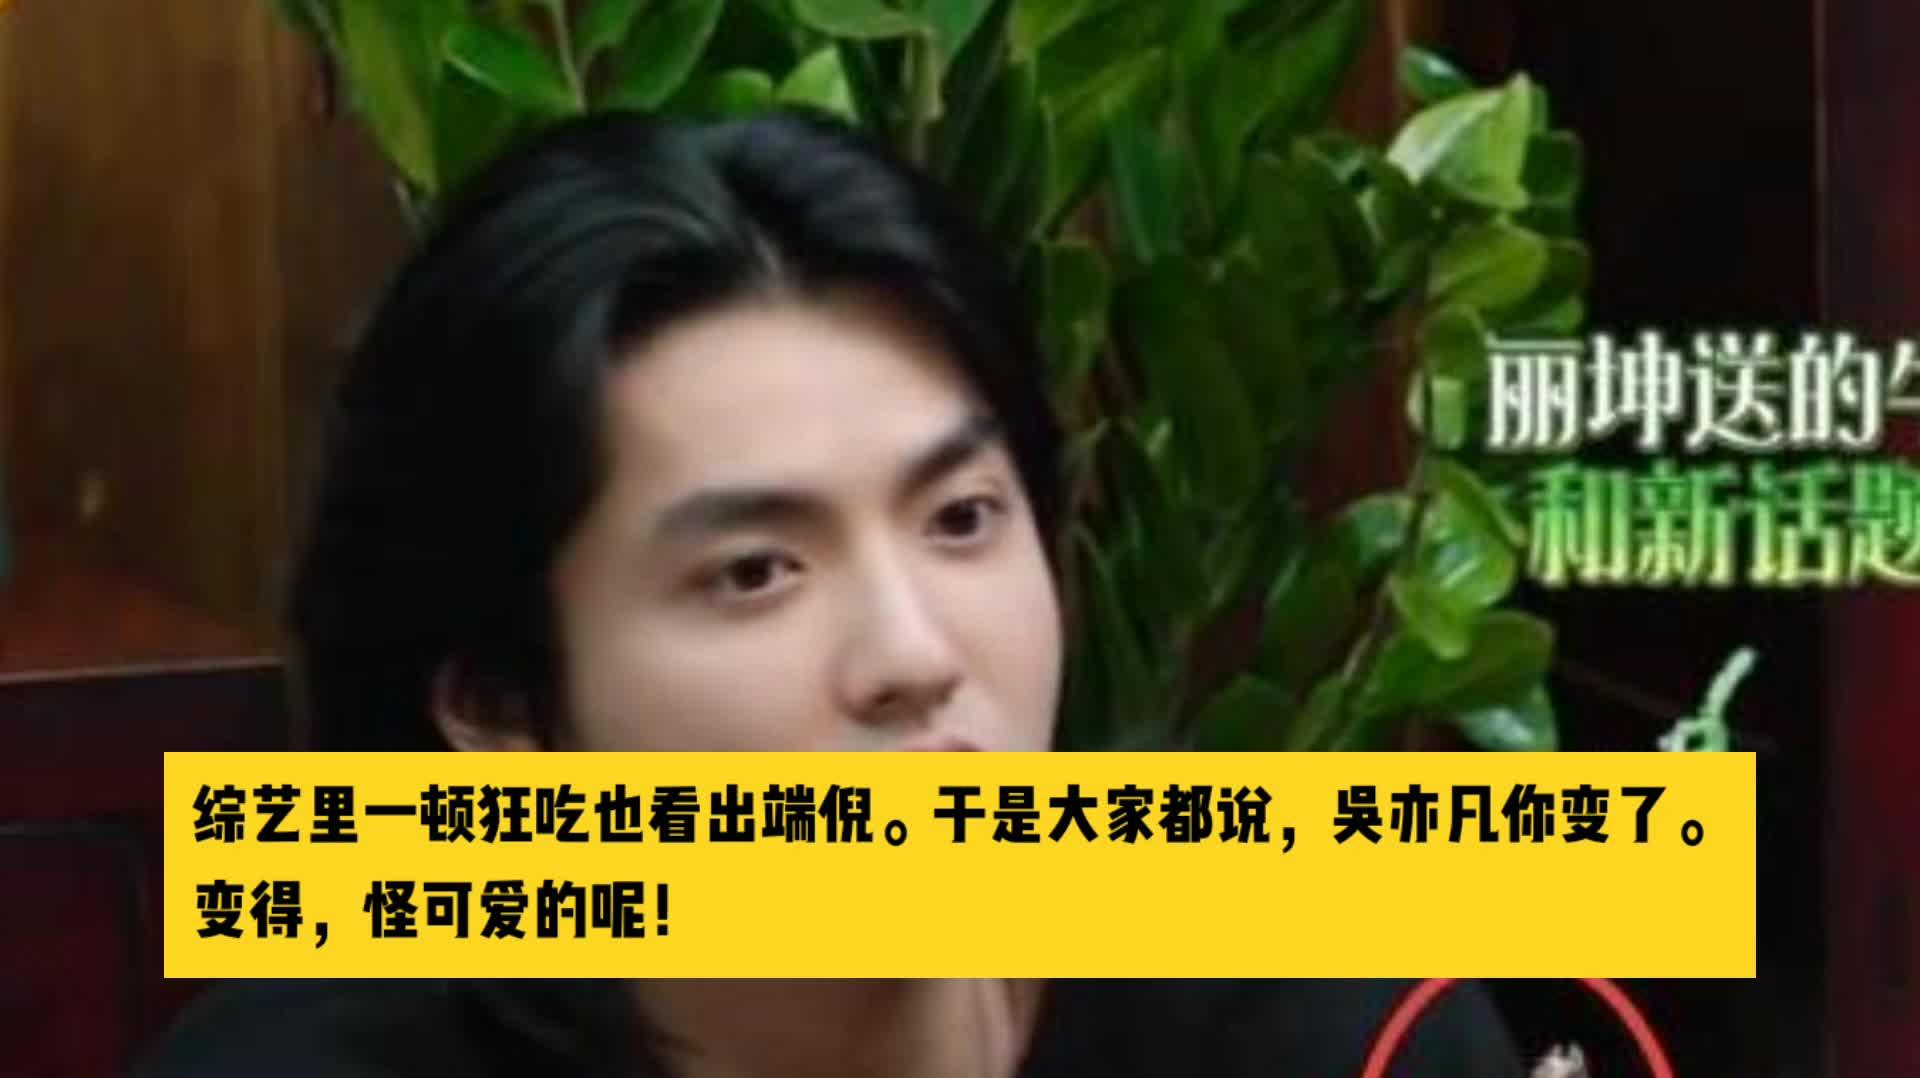 承认年纪大了难逃一胖的吴亦凡,胖出了一部流量明星转型史